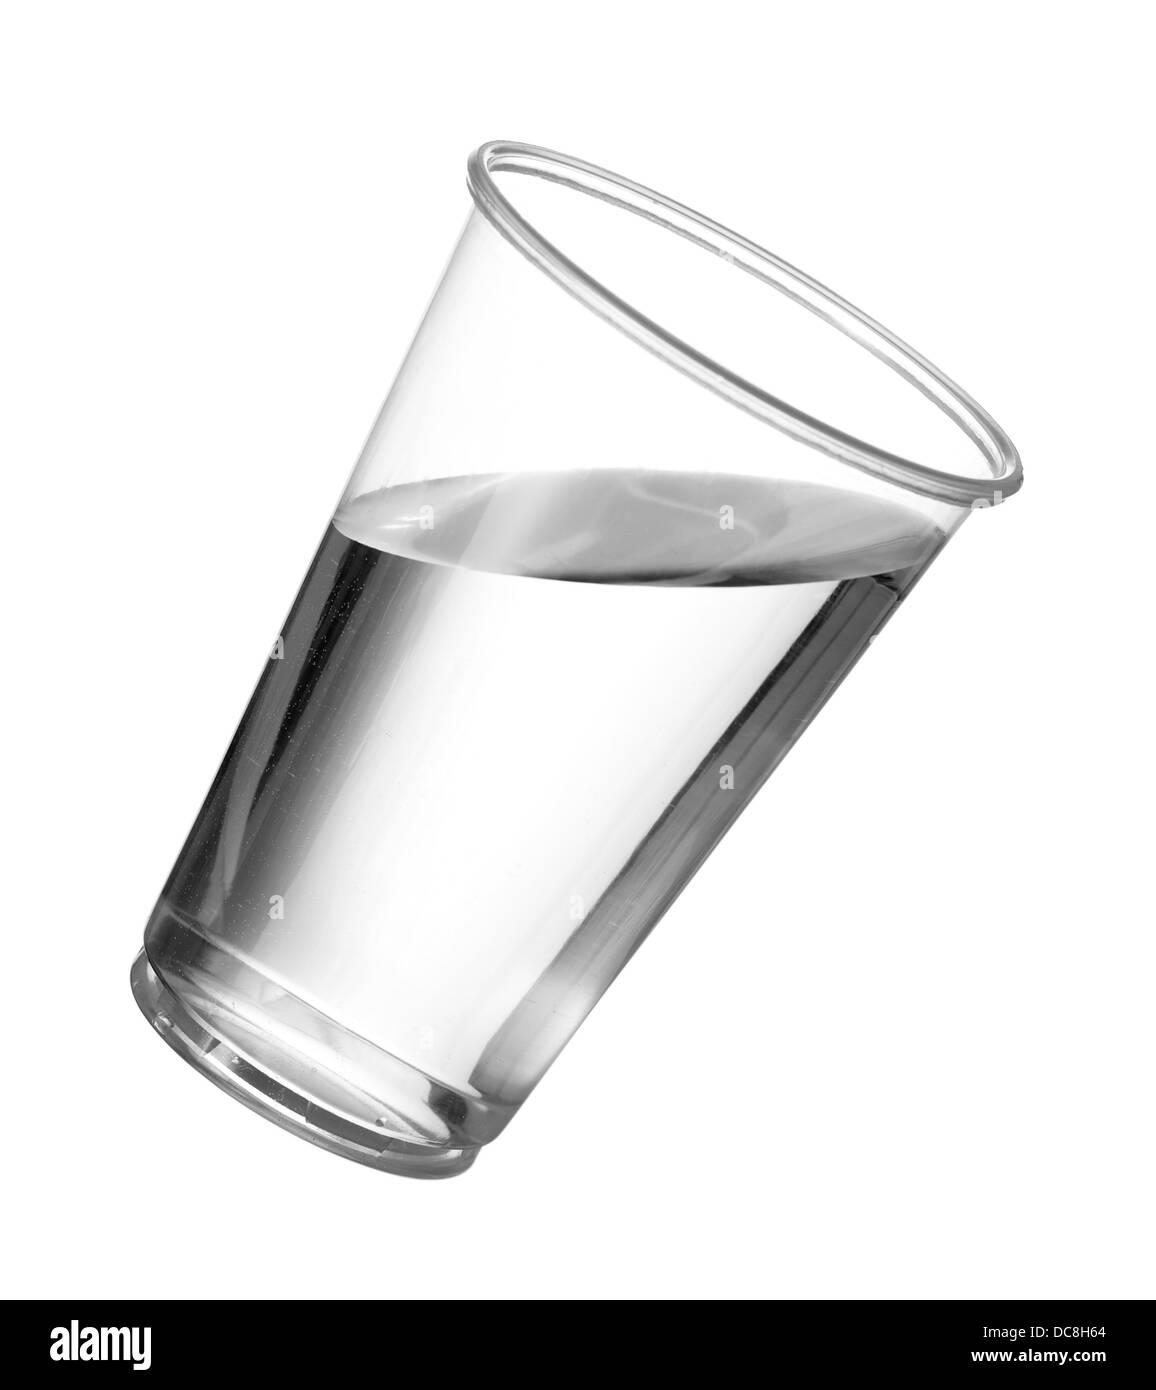 Vaso de agua en una jarra grande de plástico Imagen De Stock